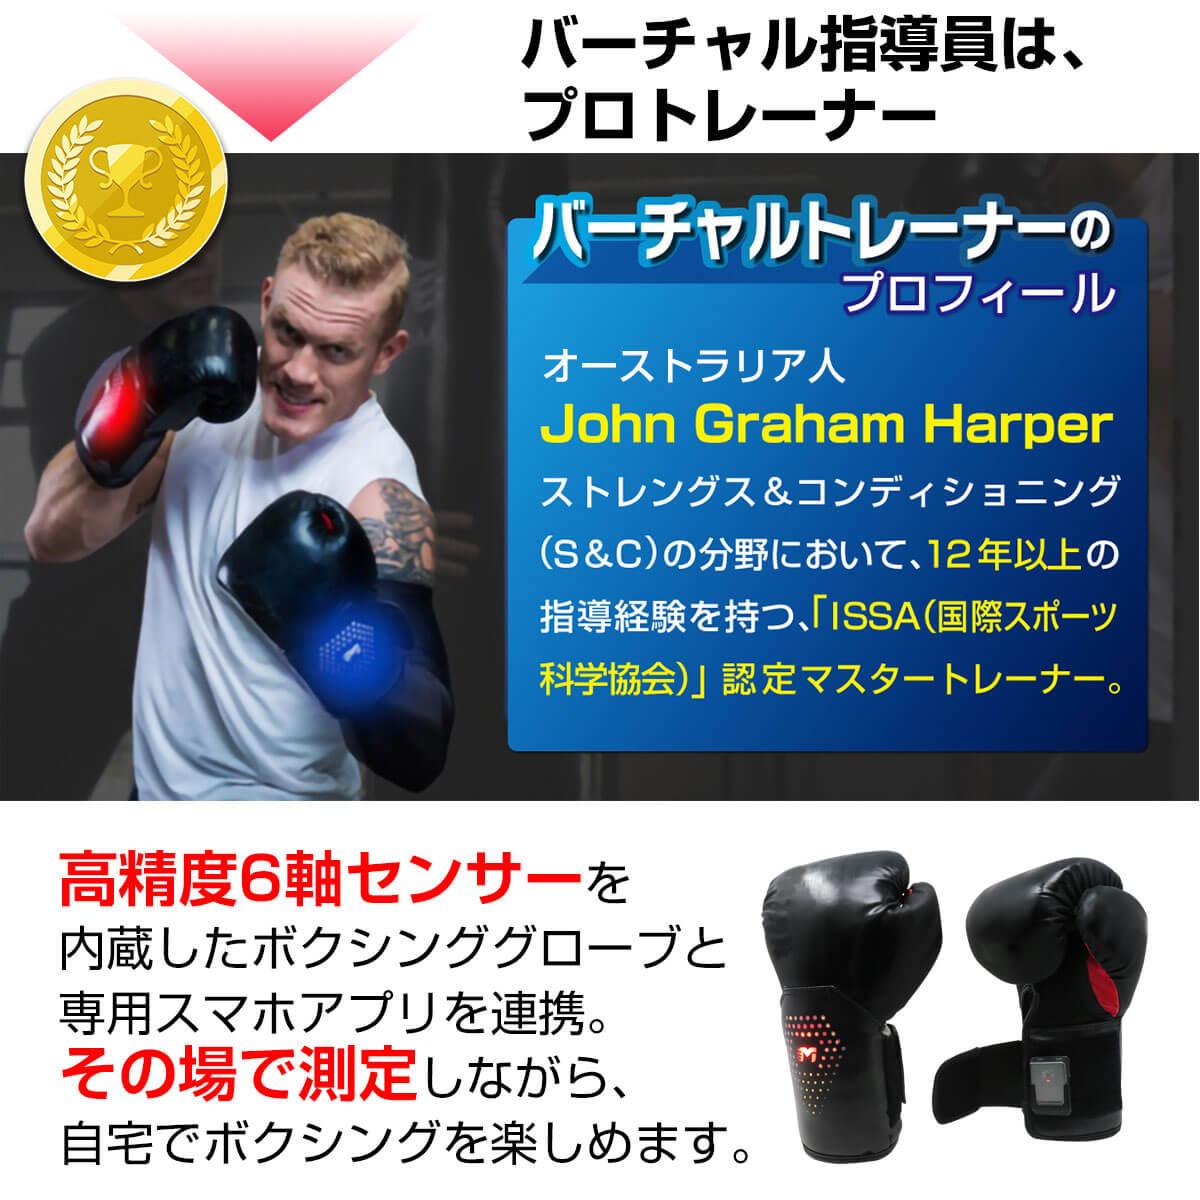 認定マスタートレーナーがボクシングを指導